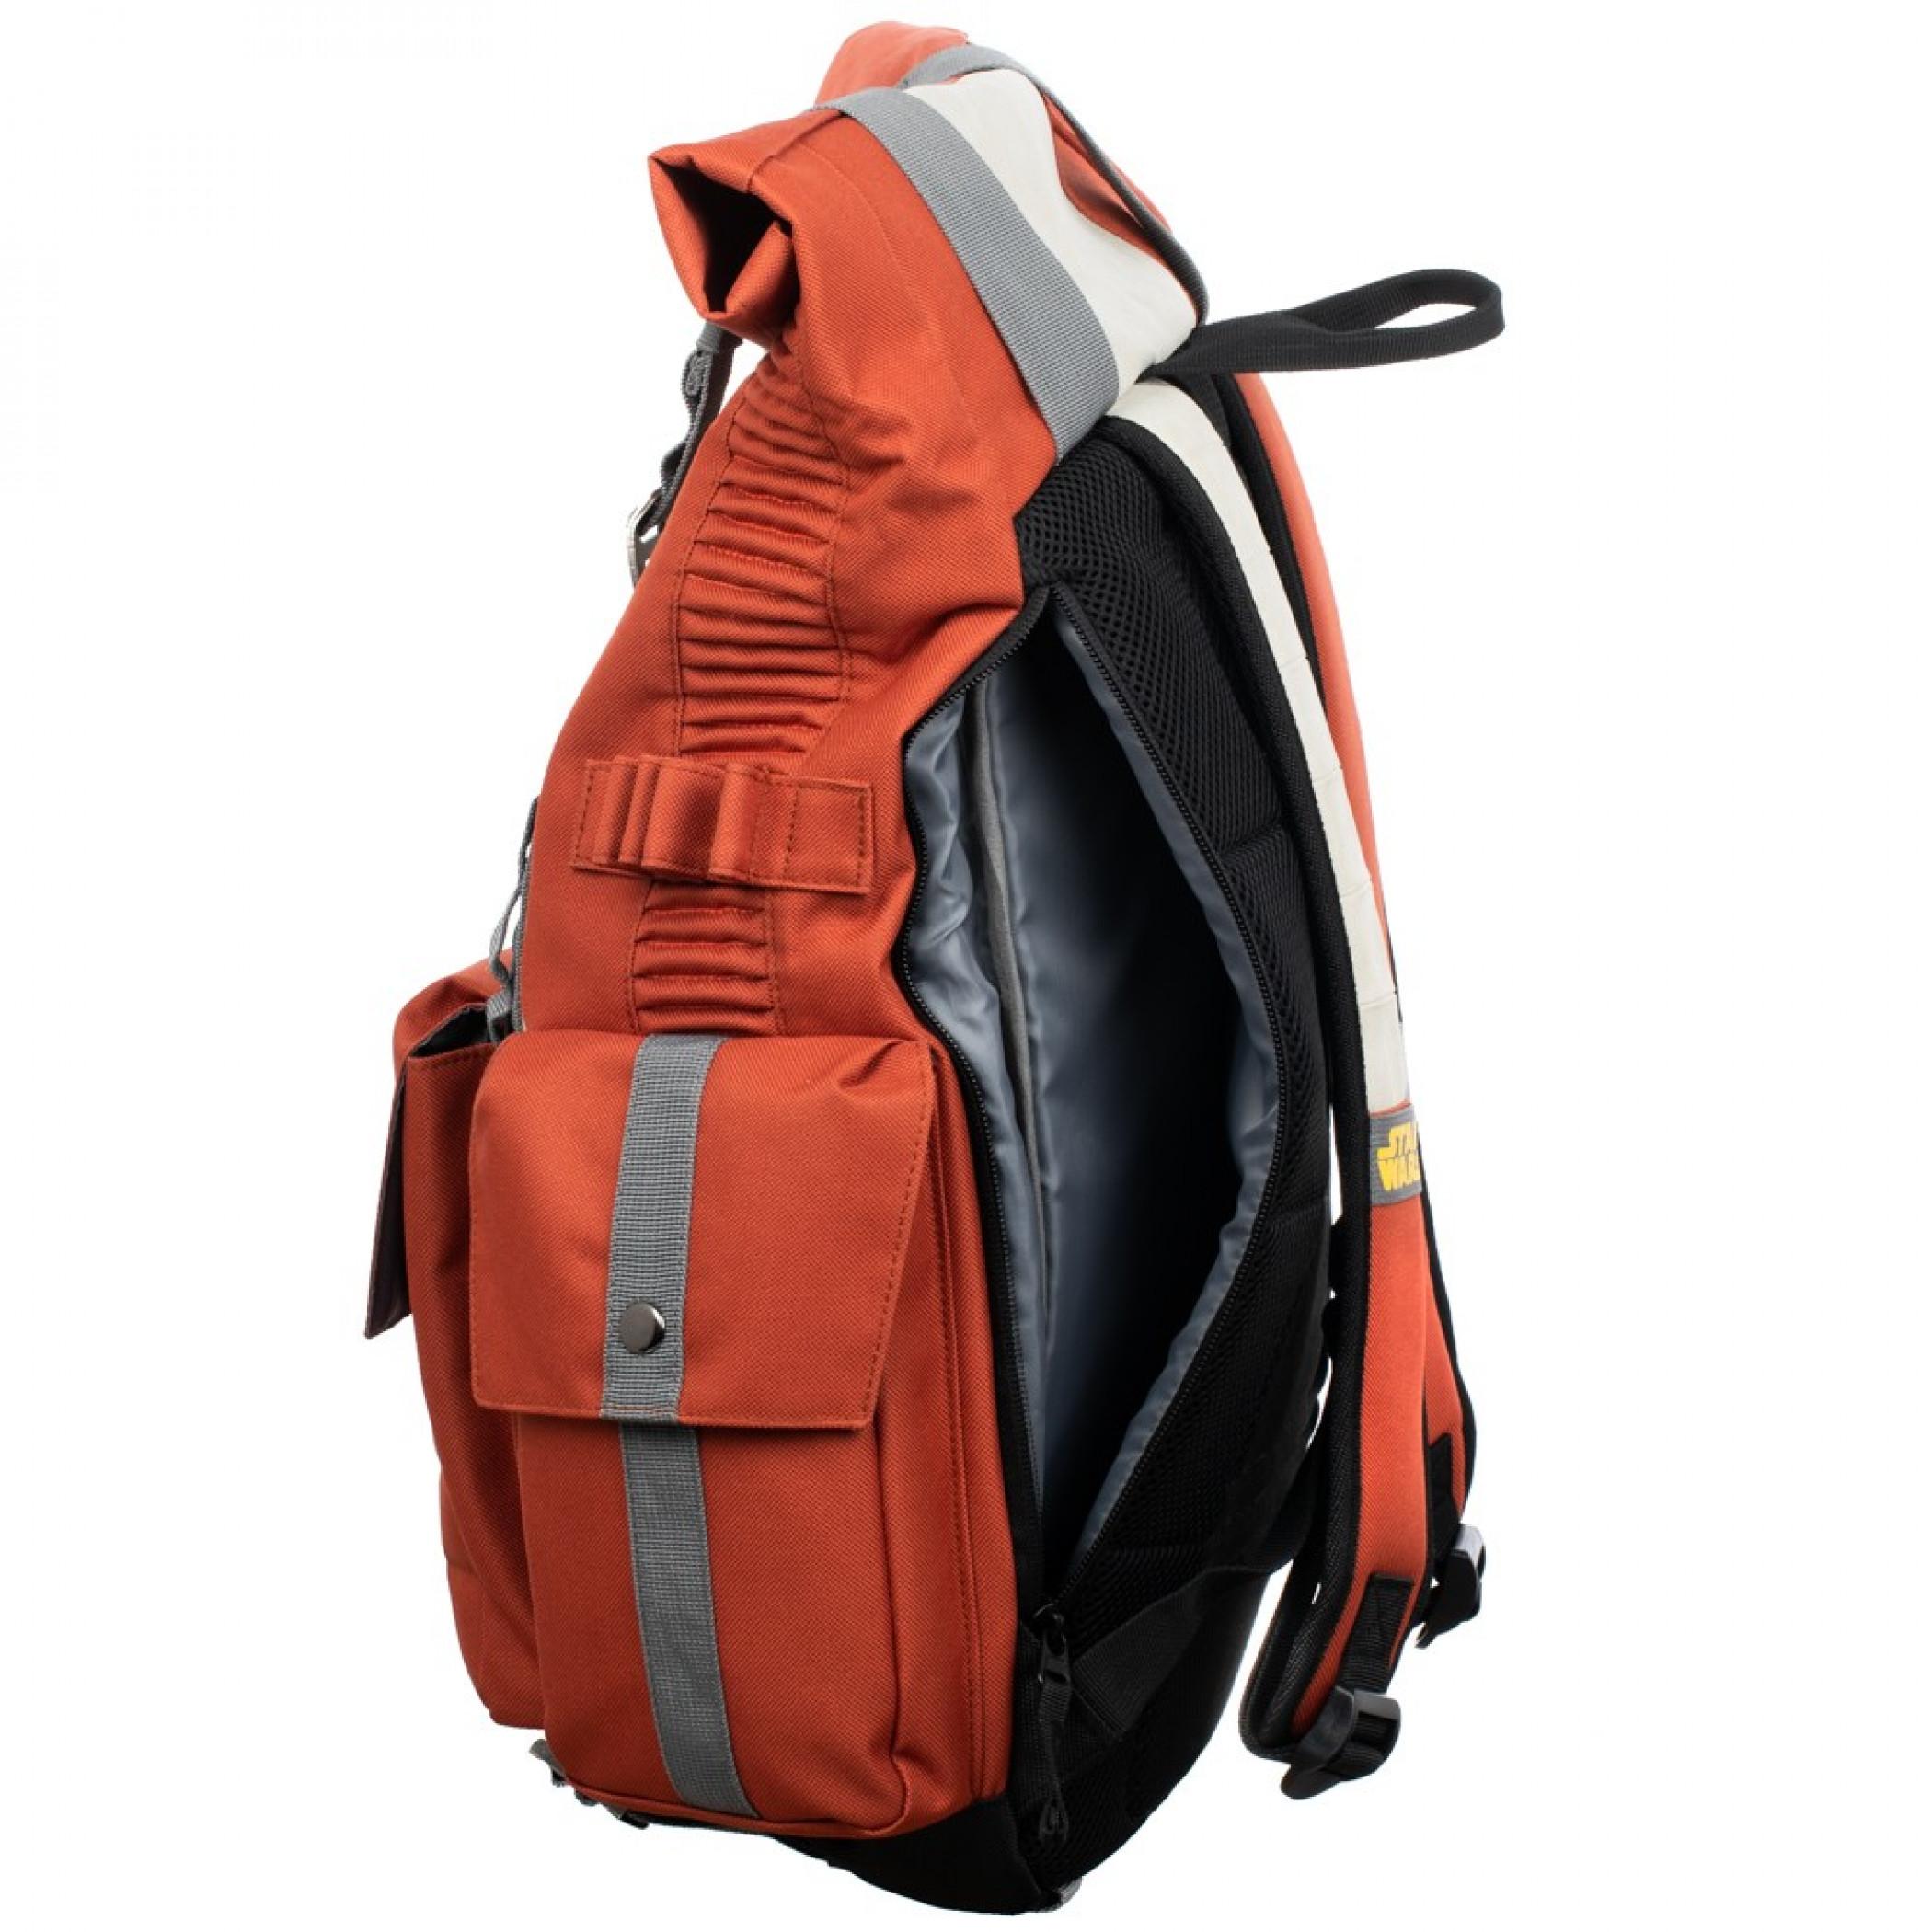 Star Wars Resistance Pilot Rolltop Backpack